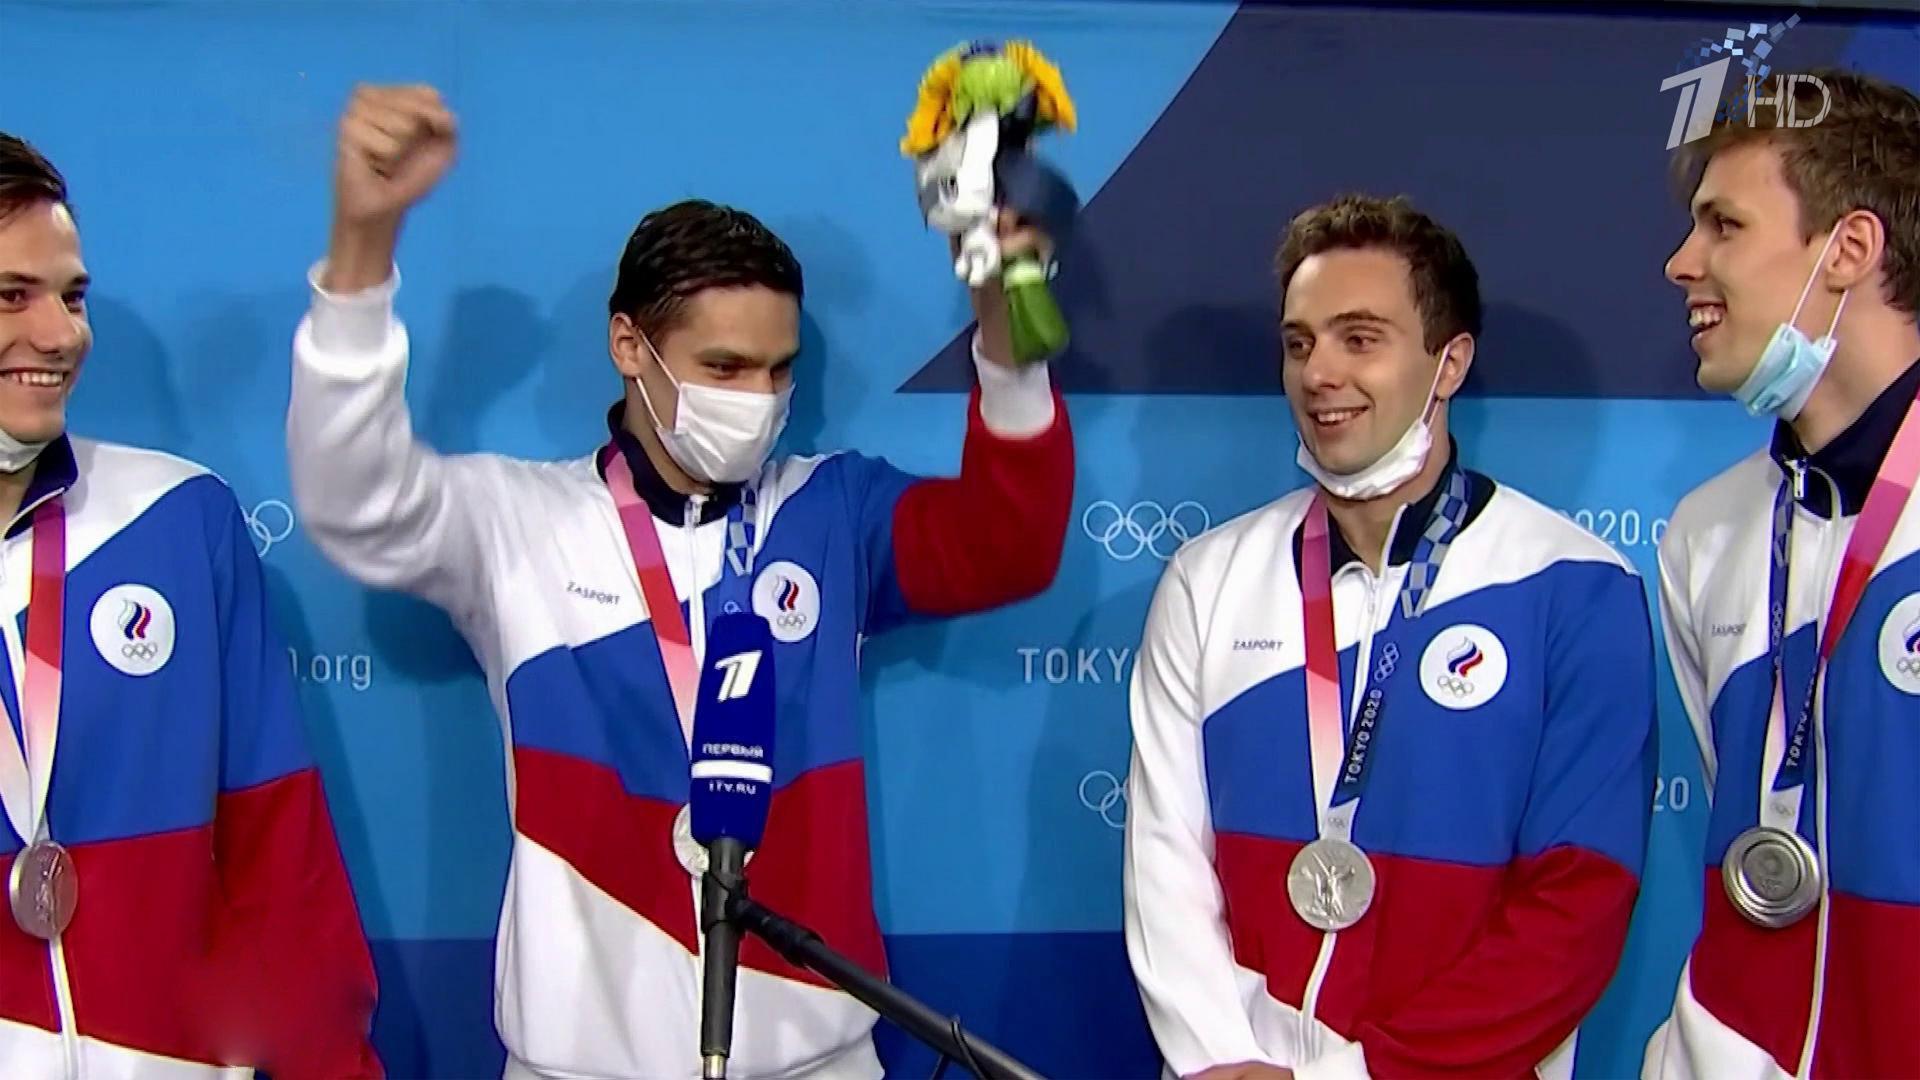 Новый успех российских пловцов наОлимпиаде вТокио— серебро вэстафете вольным стилем